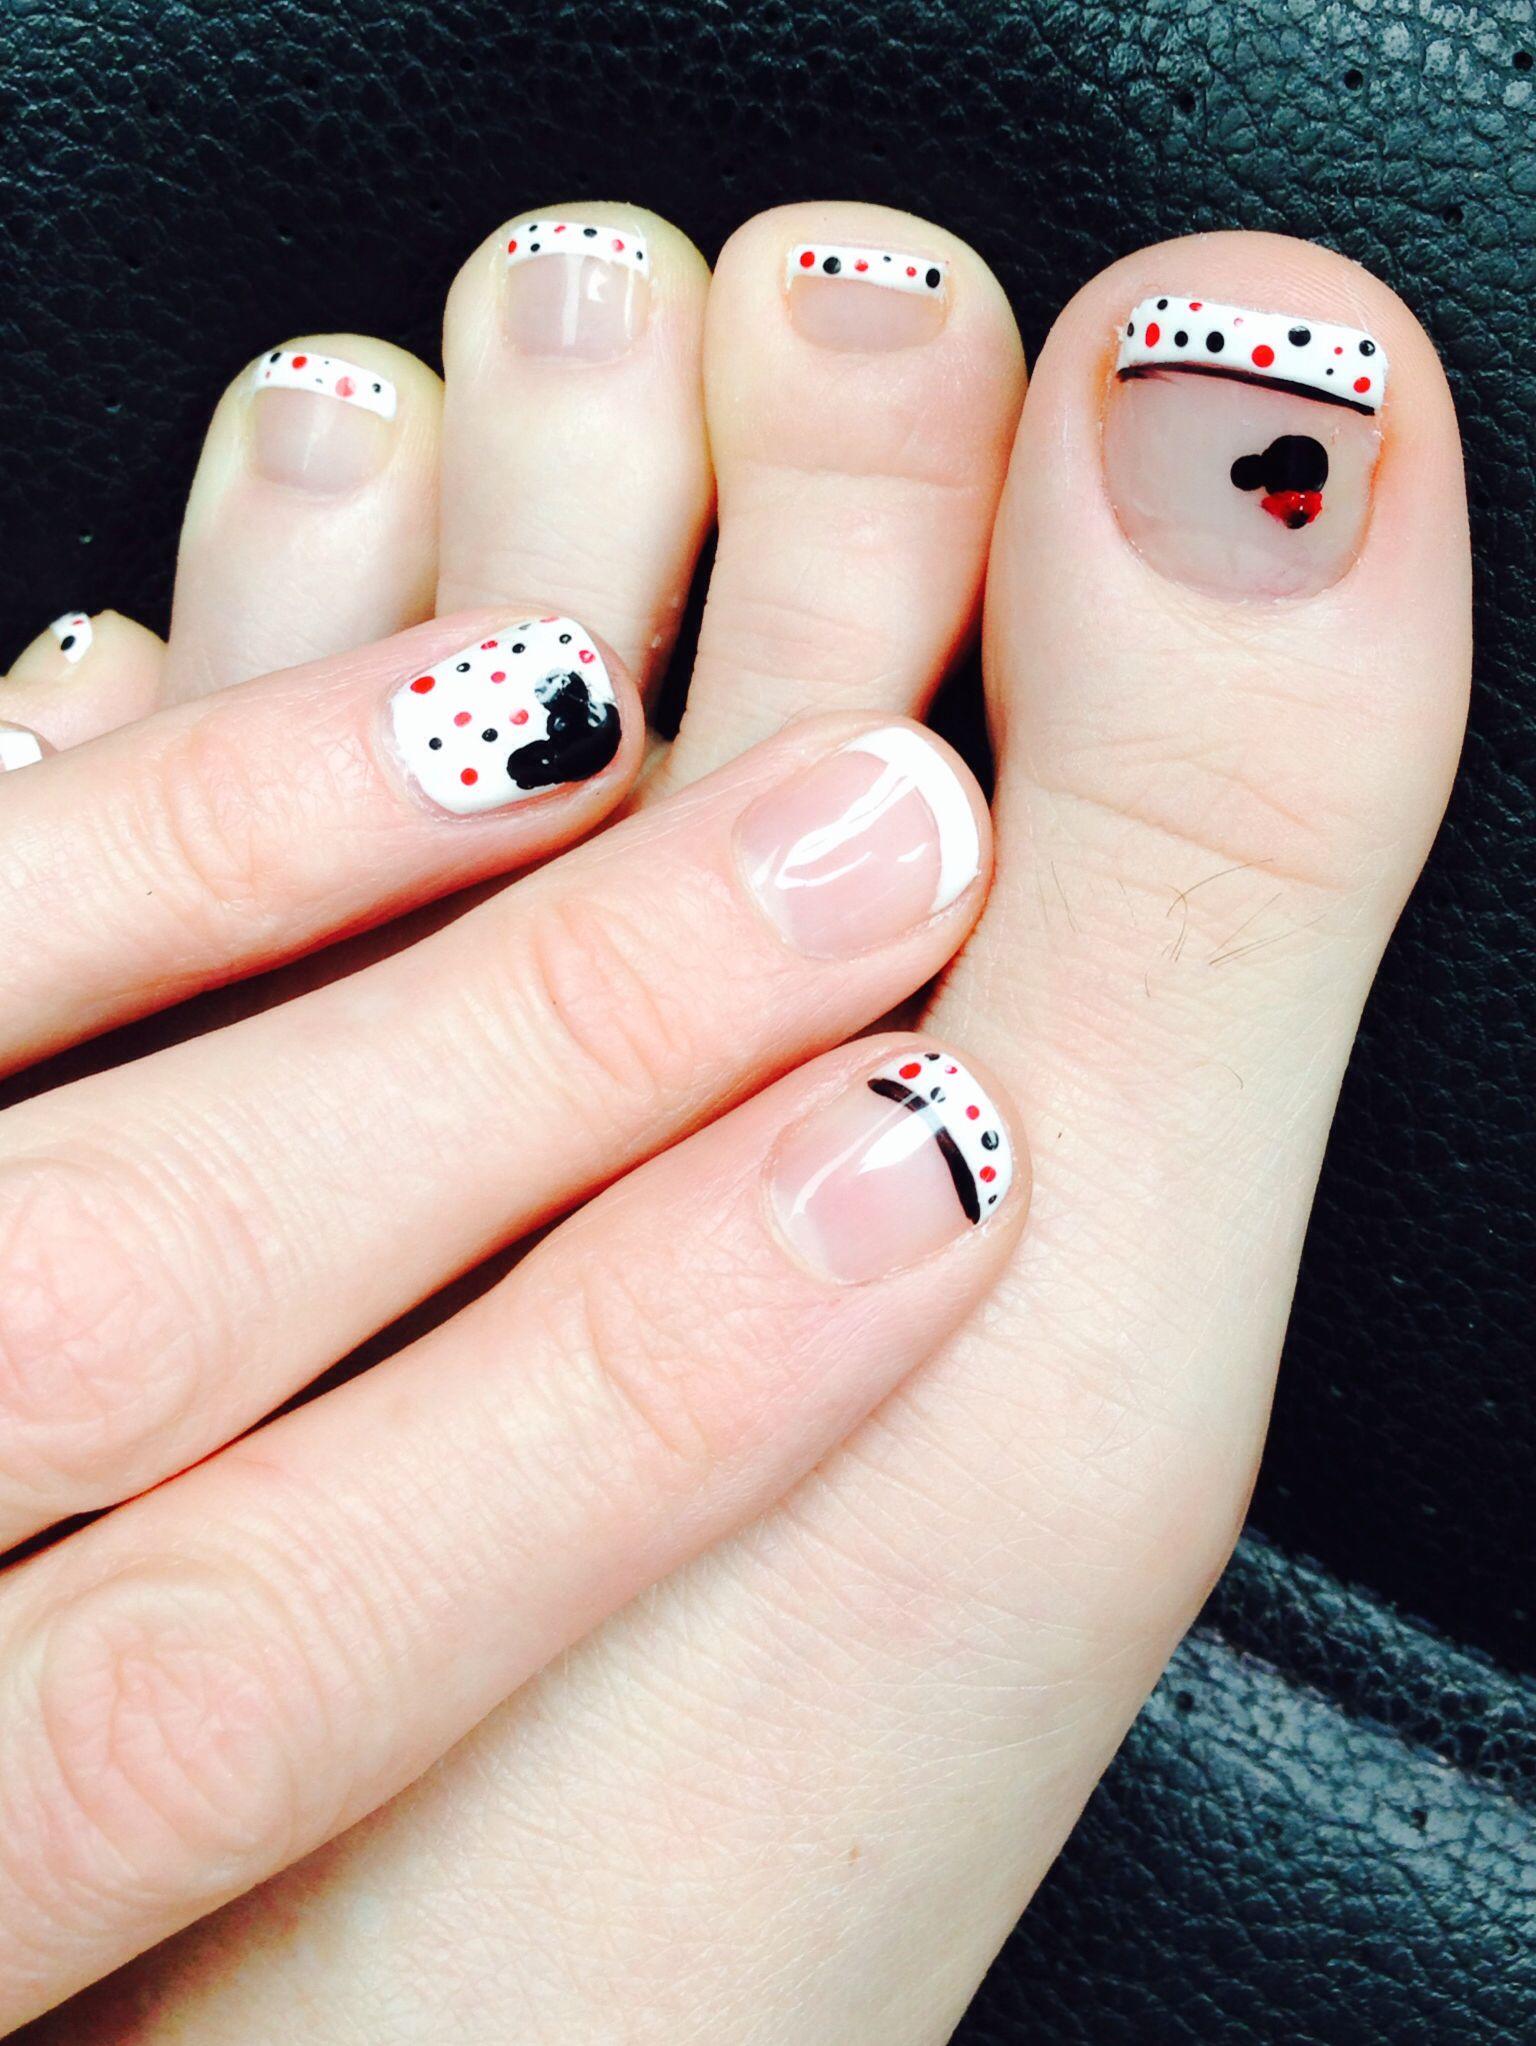 Pin de Martha Díaz en Uñas | Pinterest | Uñad, Diseños de uñas y ...